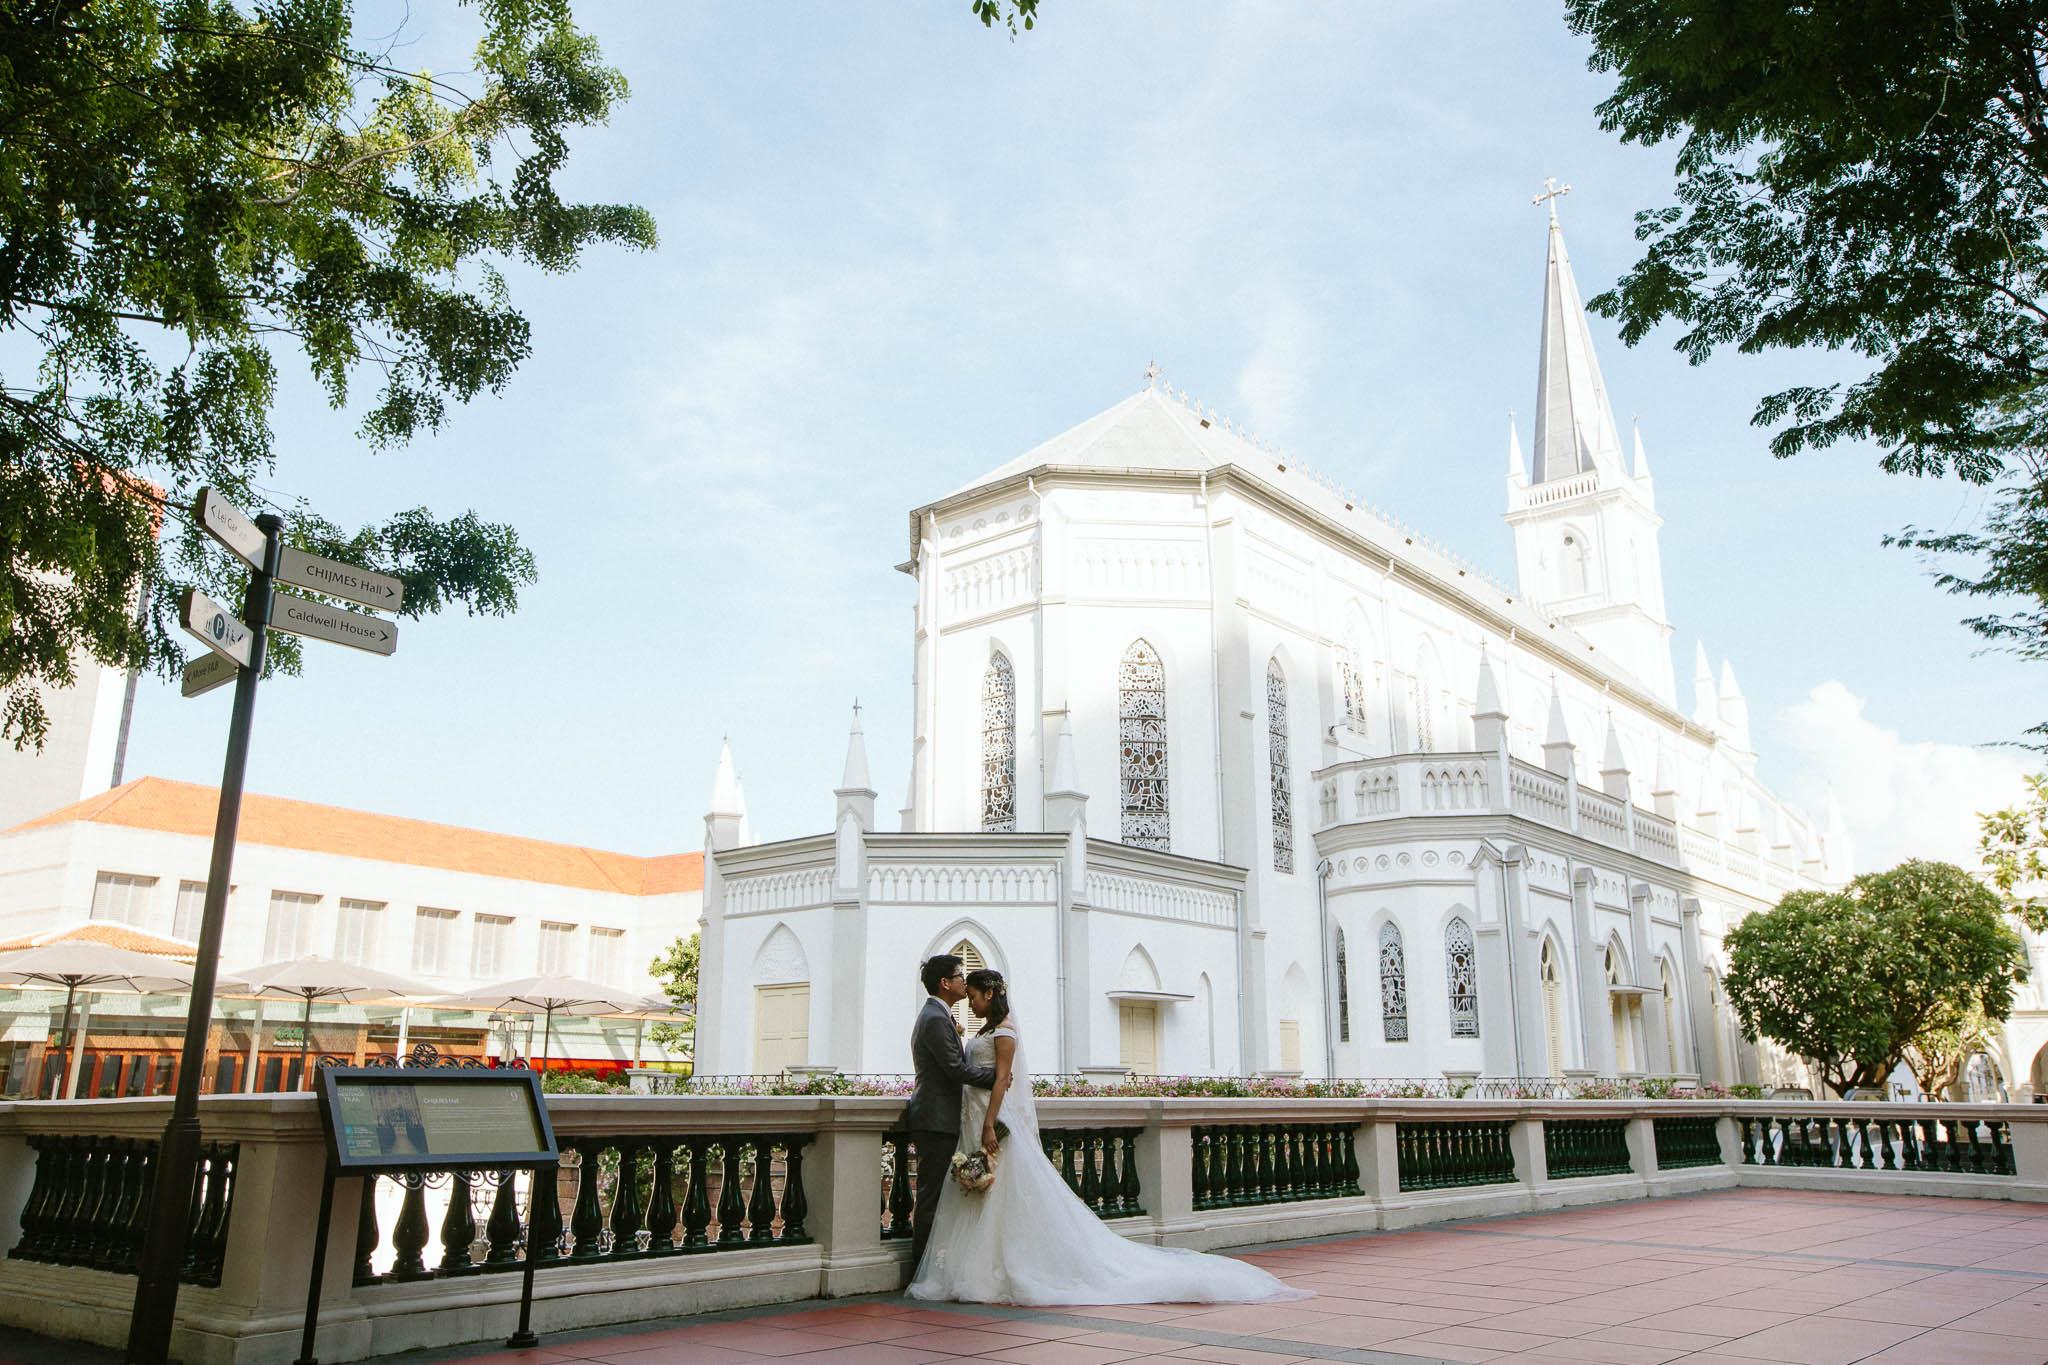 singapore-wedding-photographer-zhongwei-shihui-031.jpg